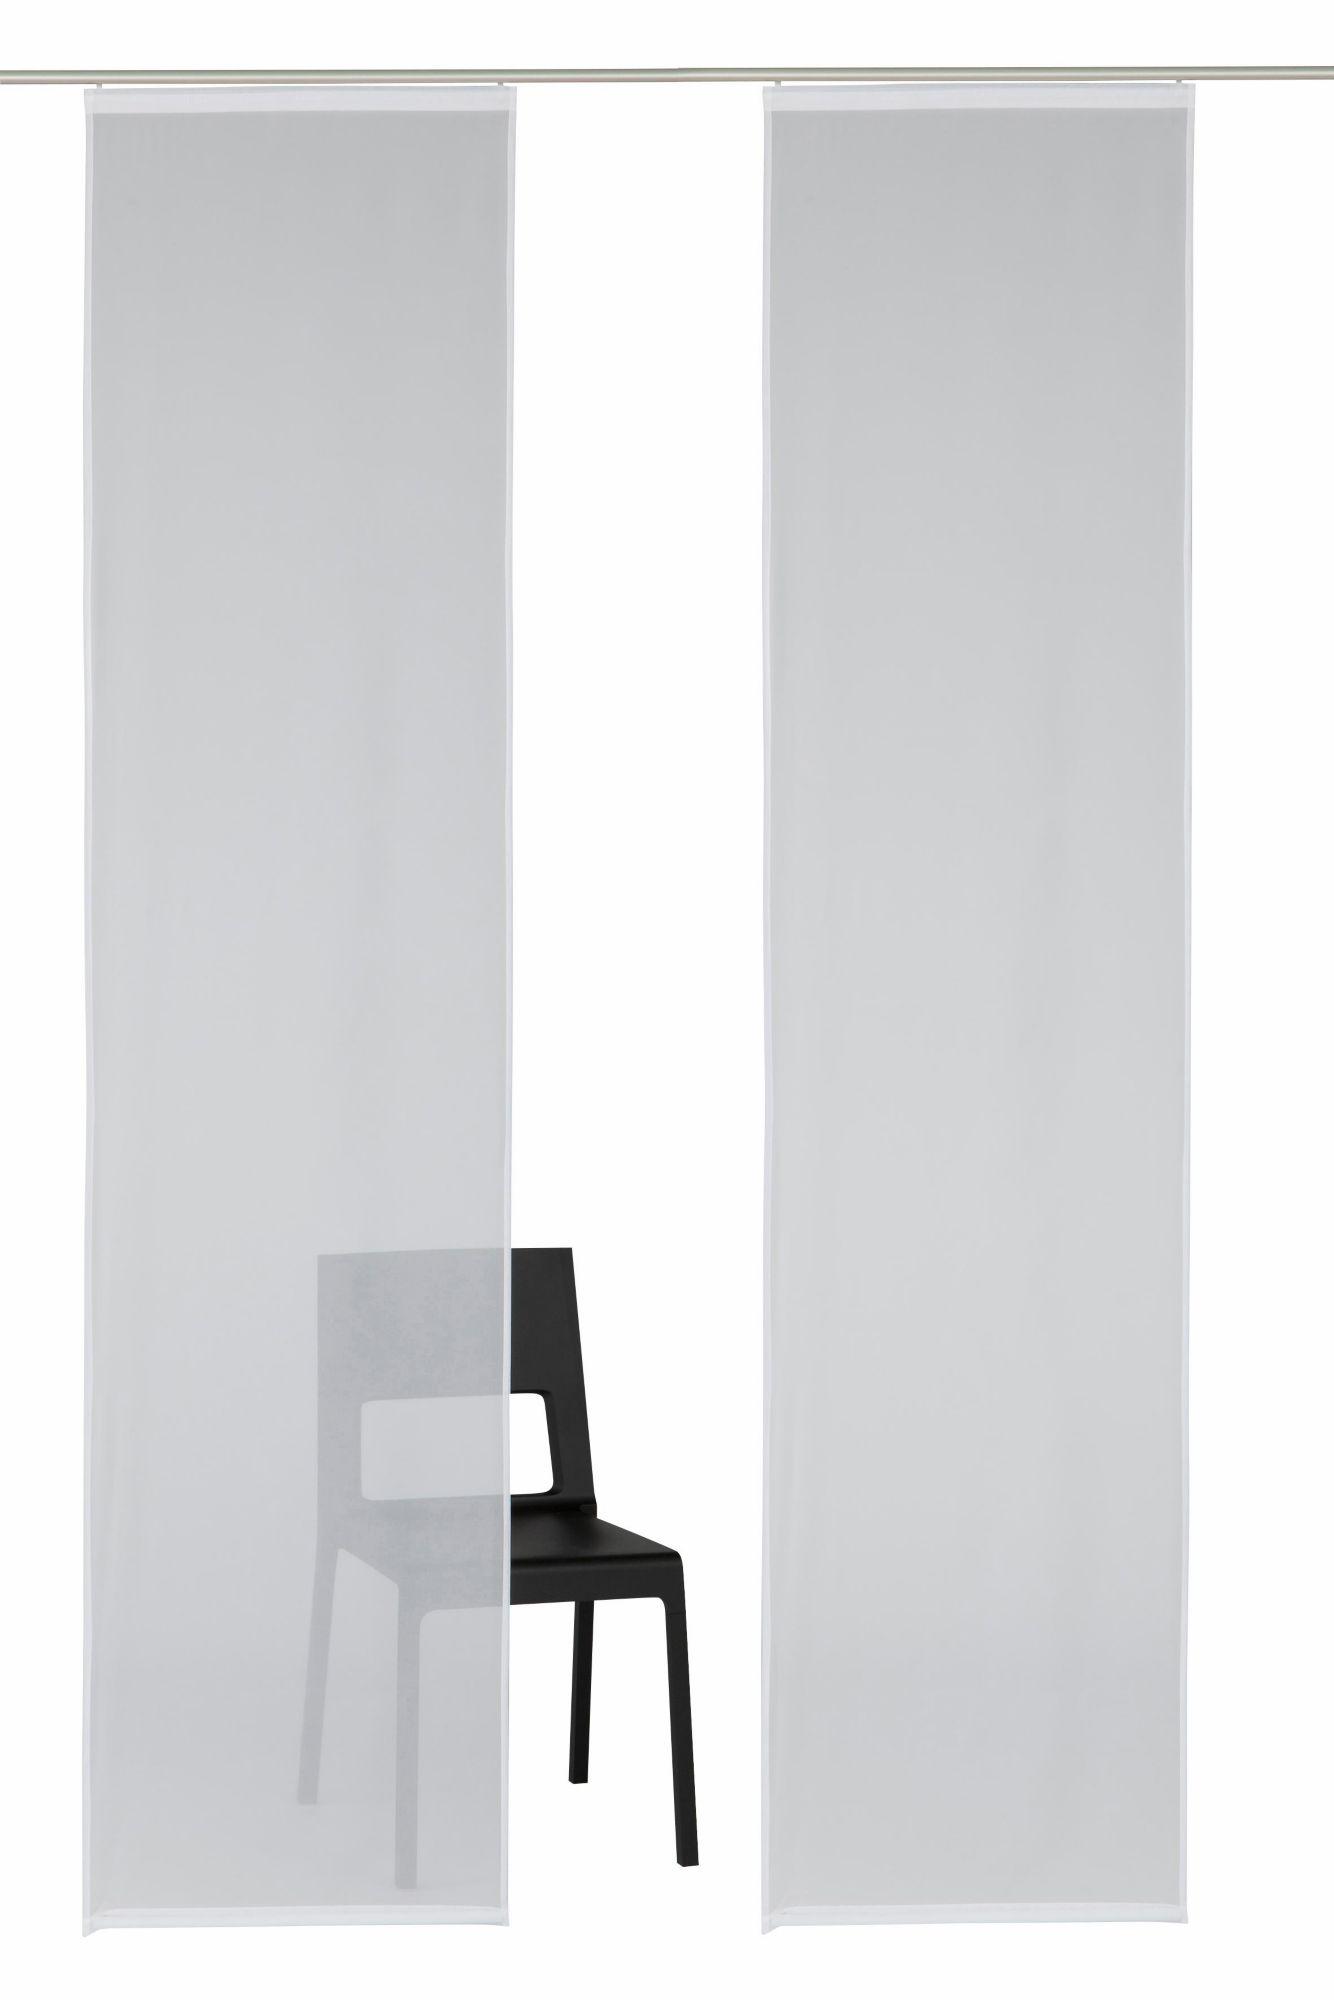 schiebevorhaenge g nstig online kaufen beim schwab versand. Black Bedroom Furniture Sets. Home Design Ideas